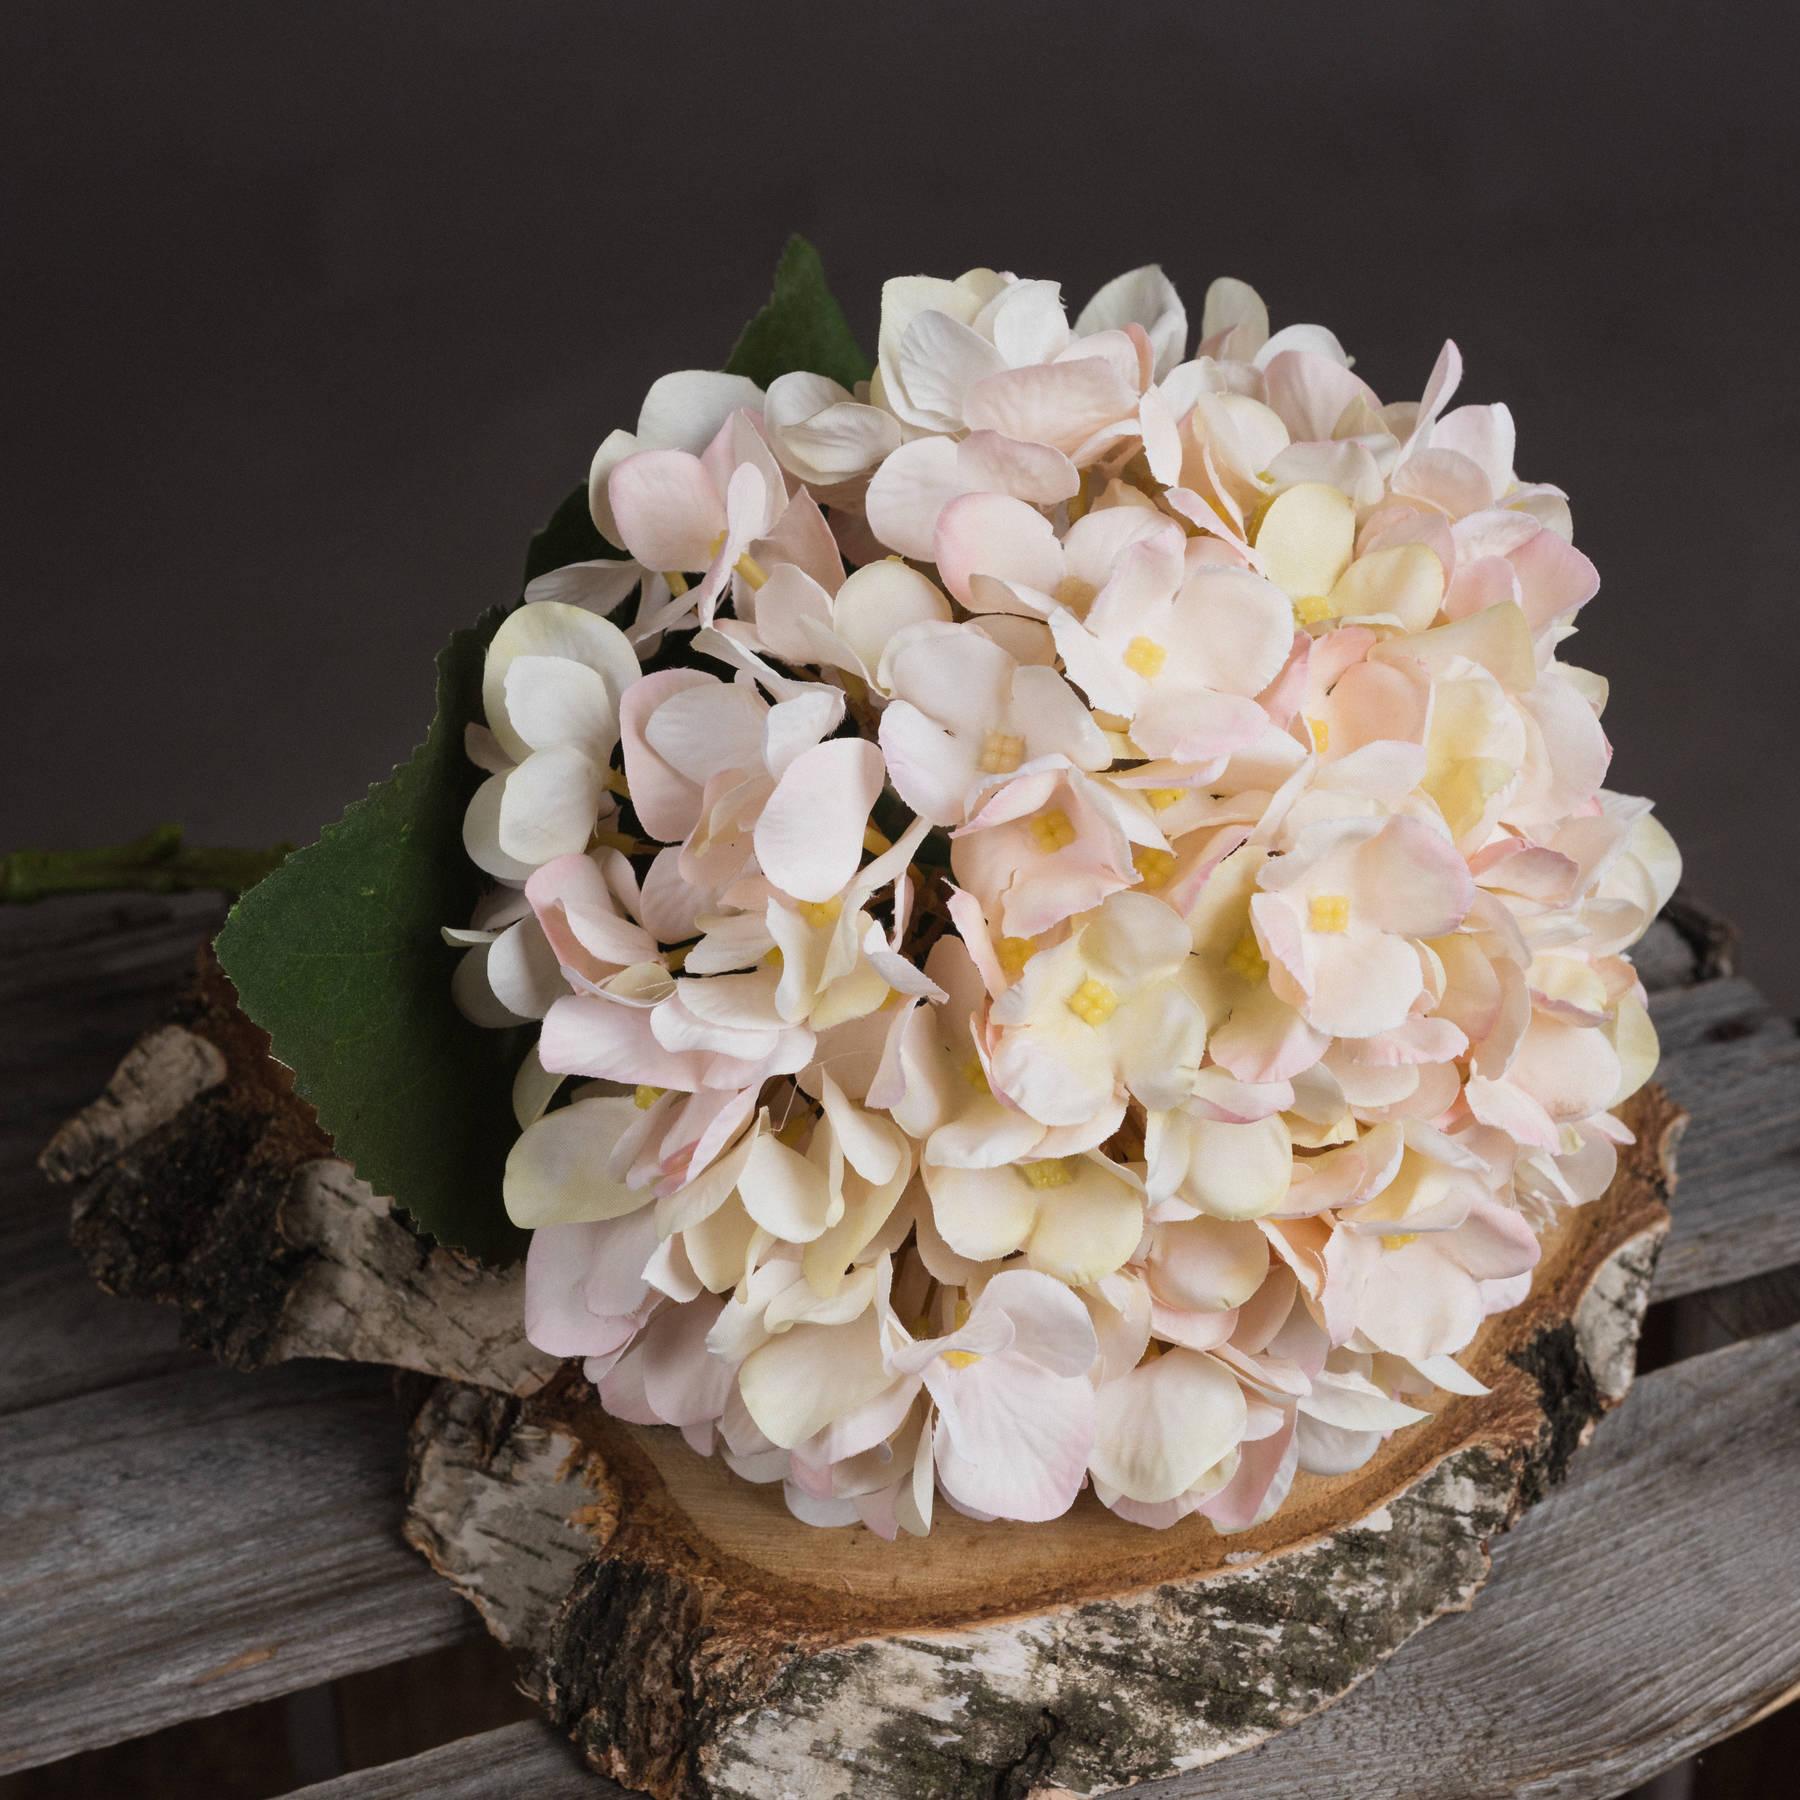 Autumn White Hydrangea - Image 3